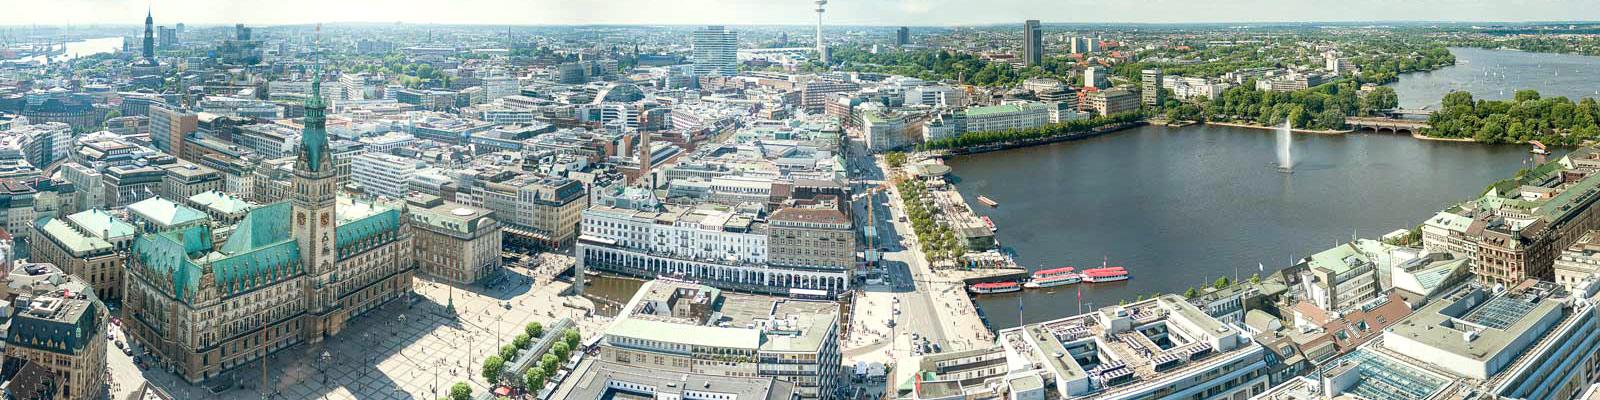 EHB Hamburg, Innenstadt mit Alster - Rechtsanwälte